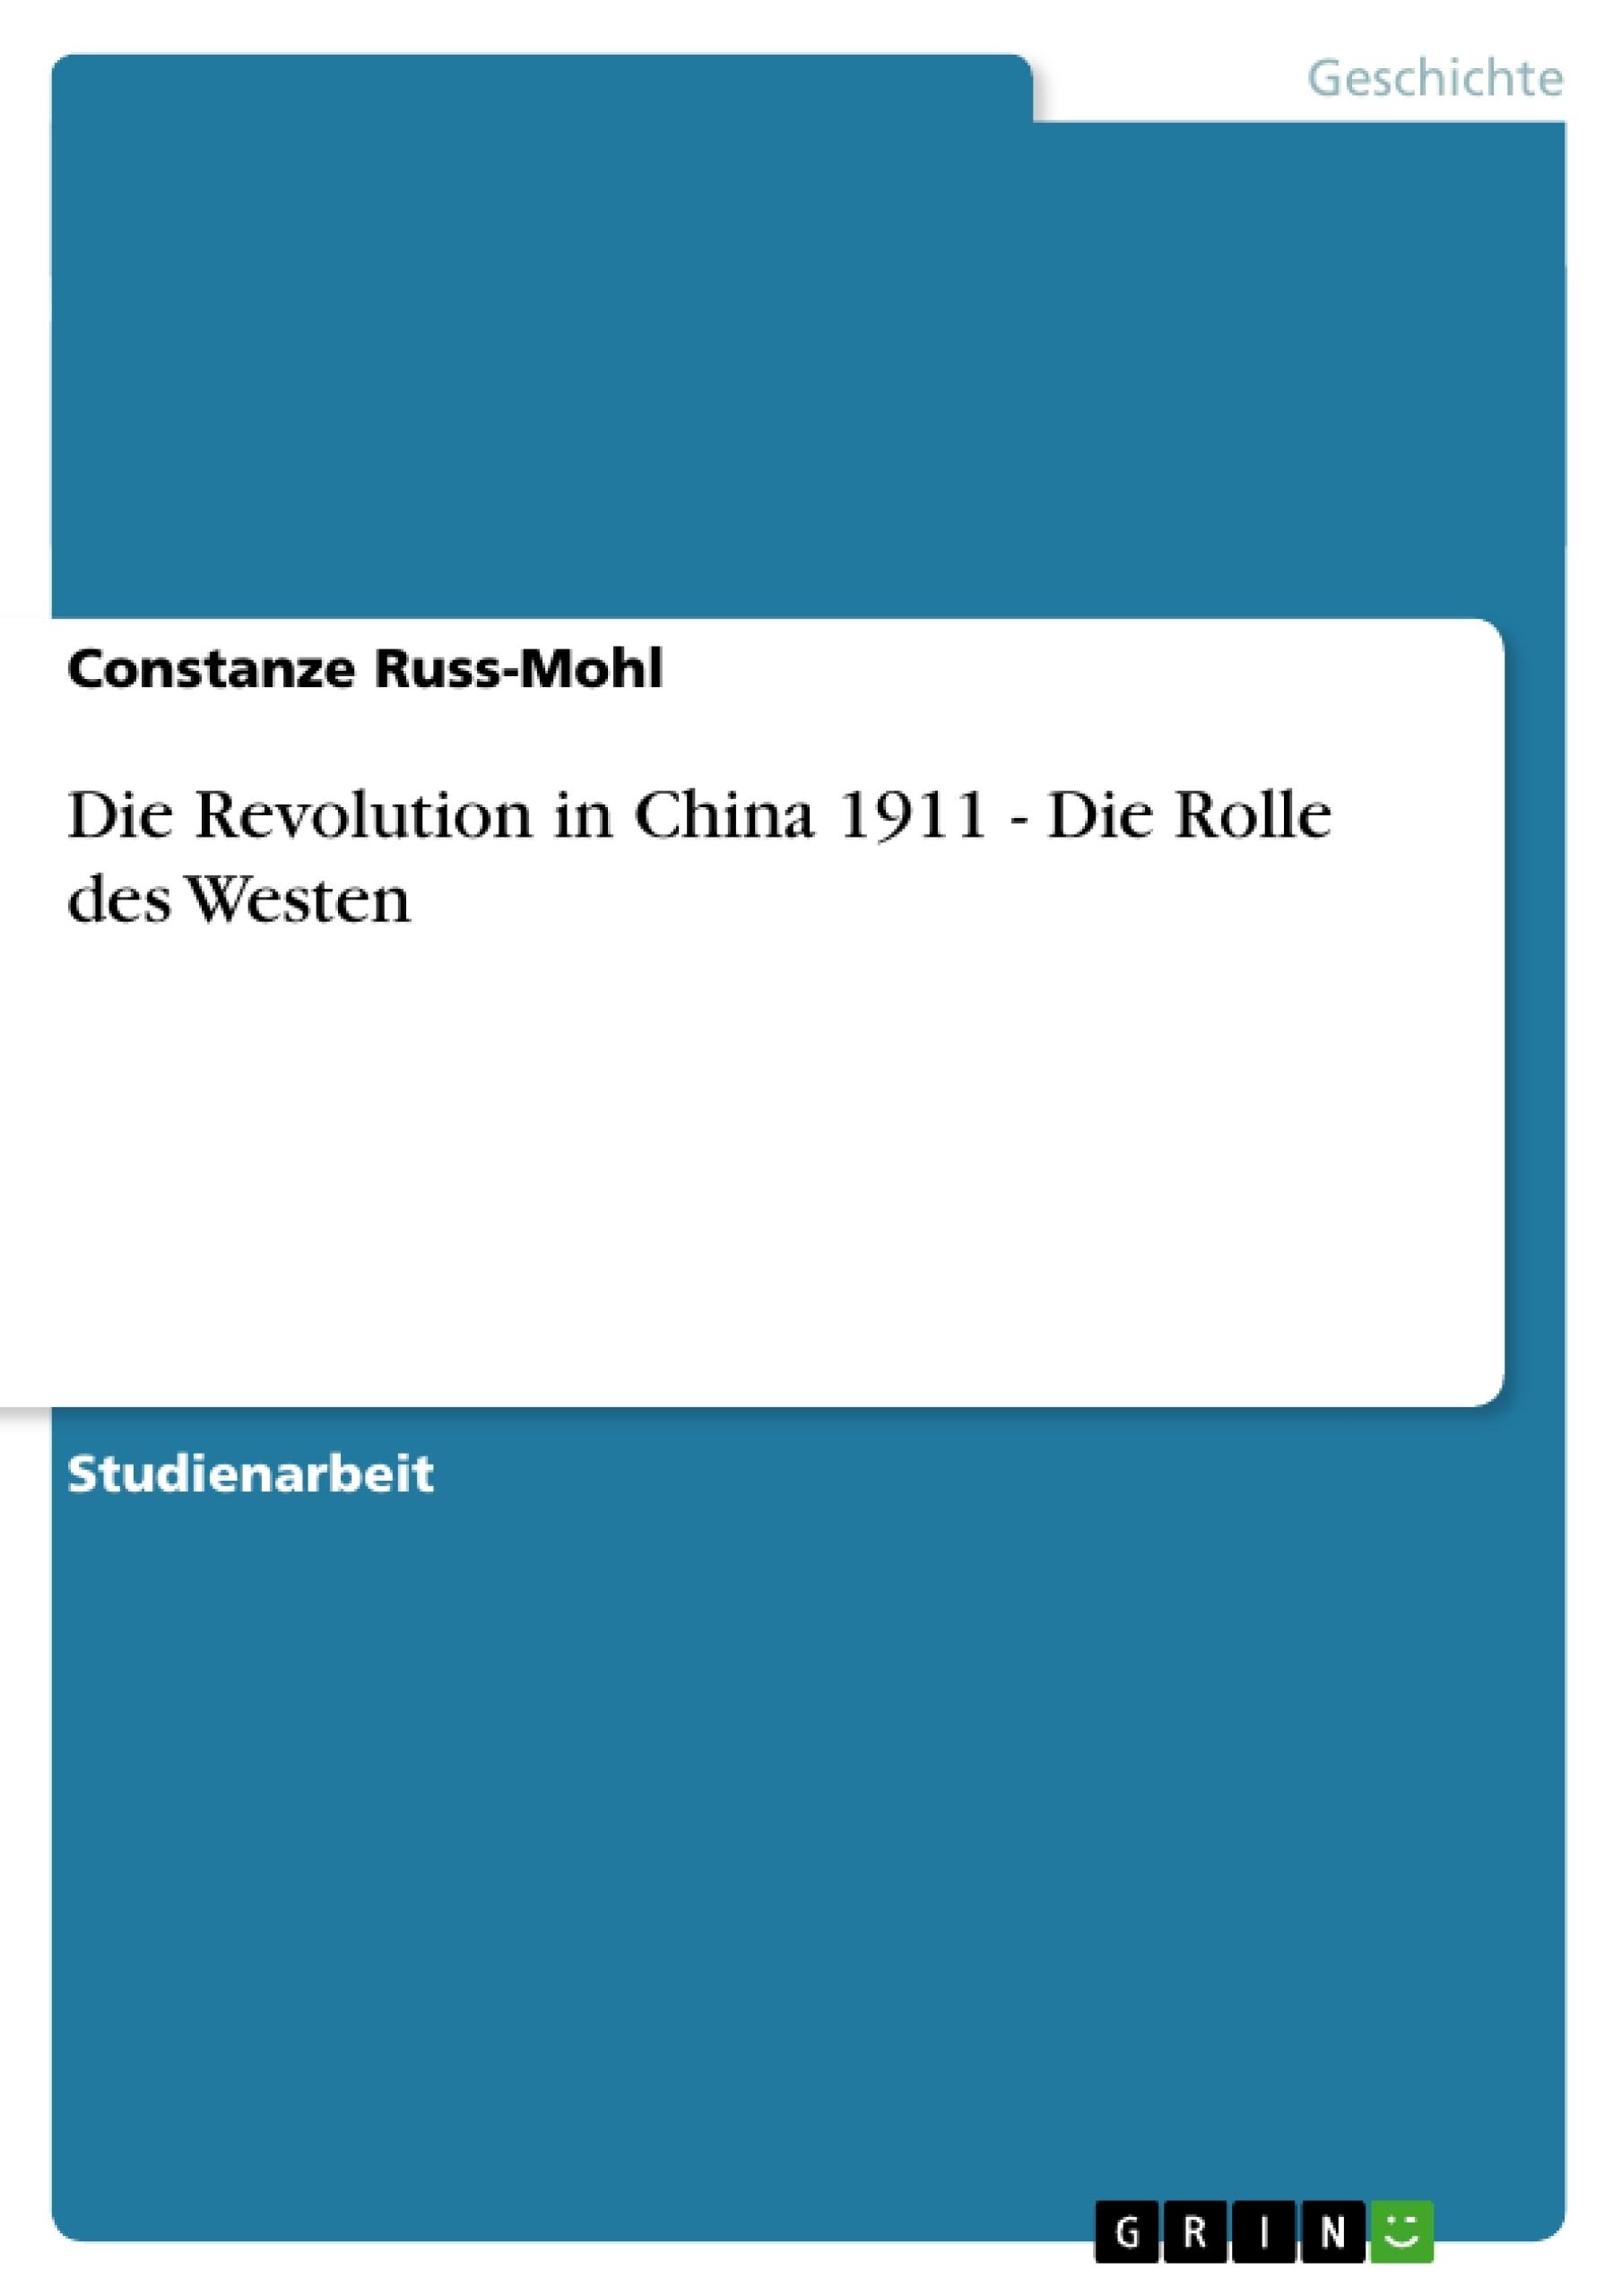 Titel: Die Revolution in China 1911 - Die Rolle des Westen